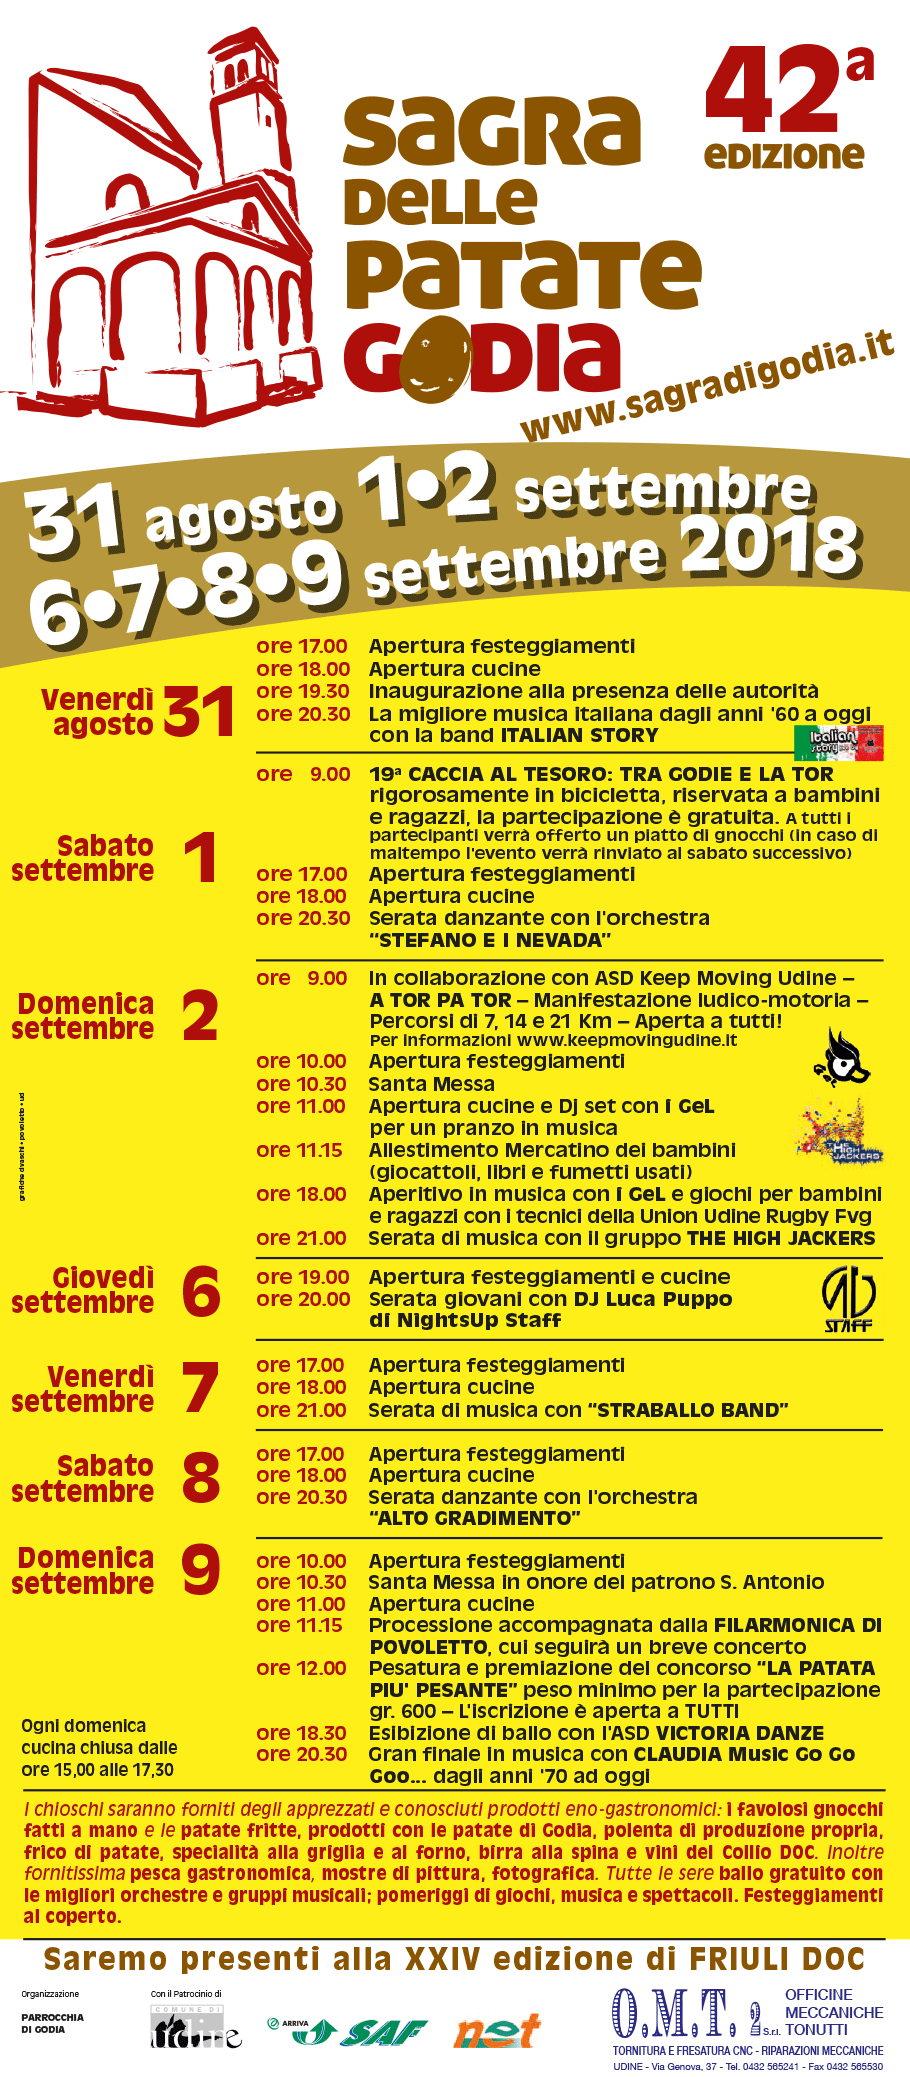 Programma della Sagra di Godia 2018